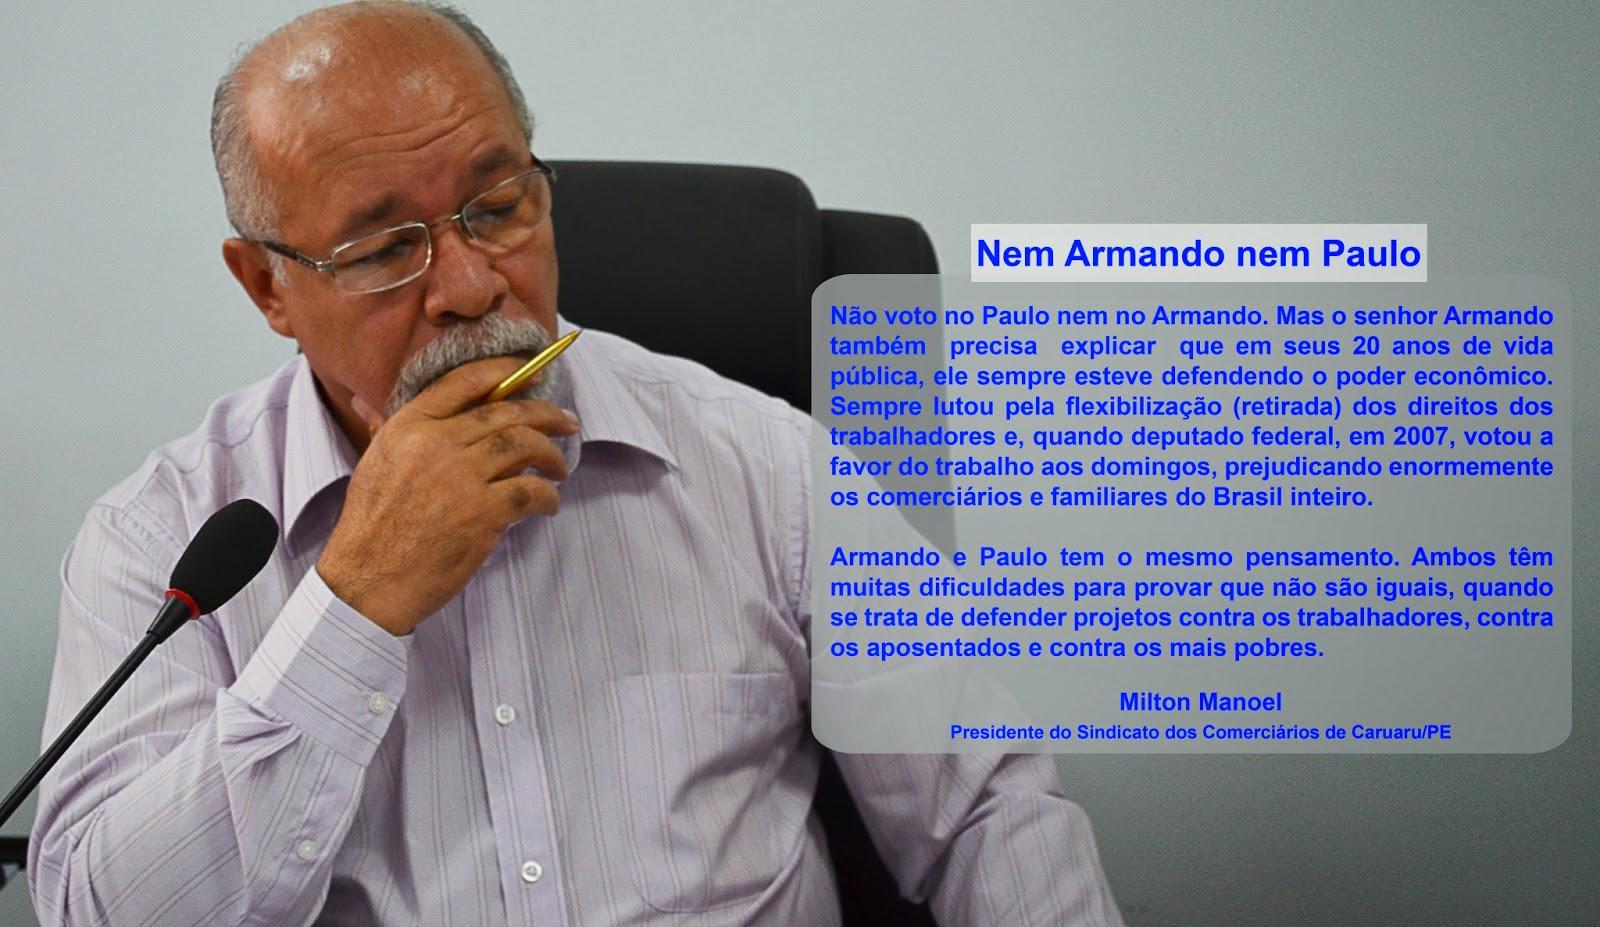 Opinião: Nem Armando nem Paulo